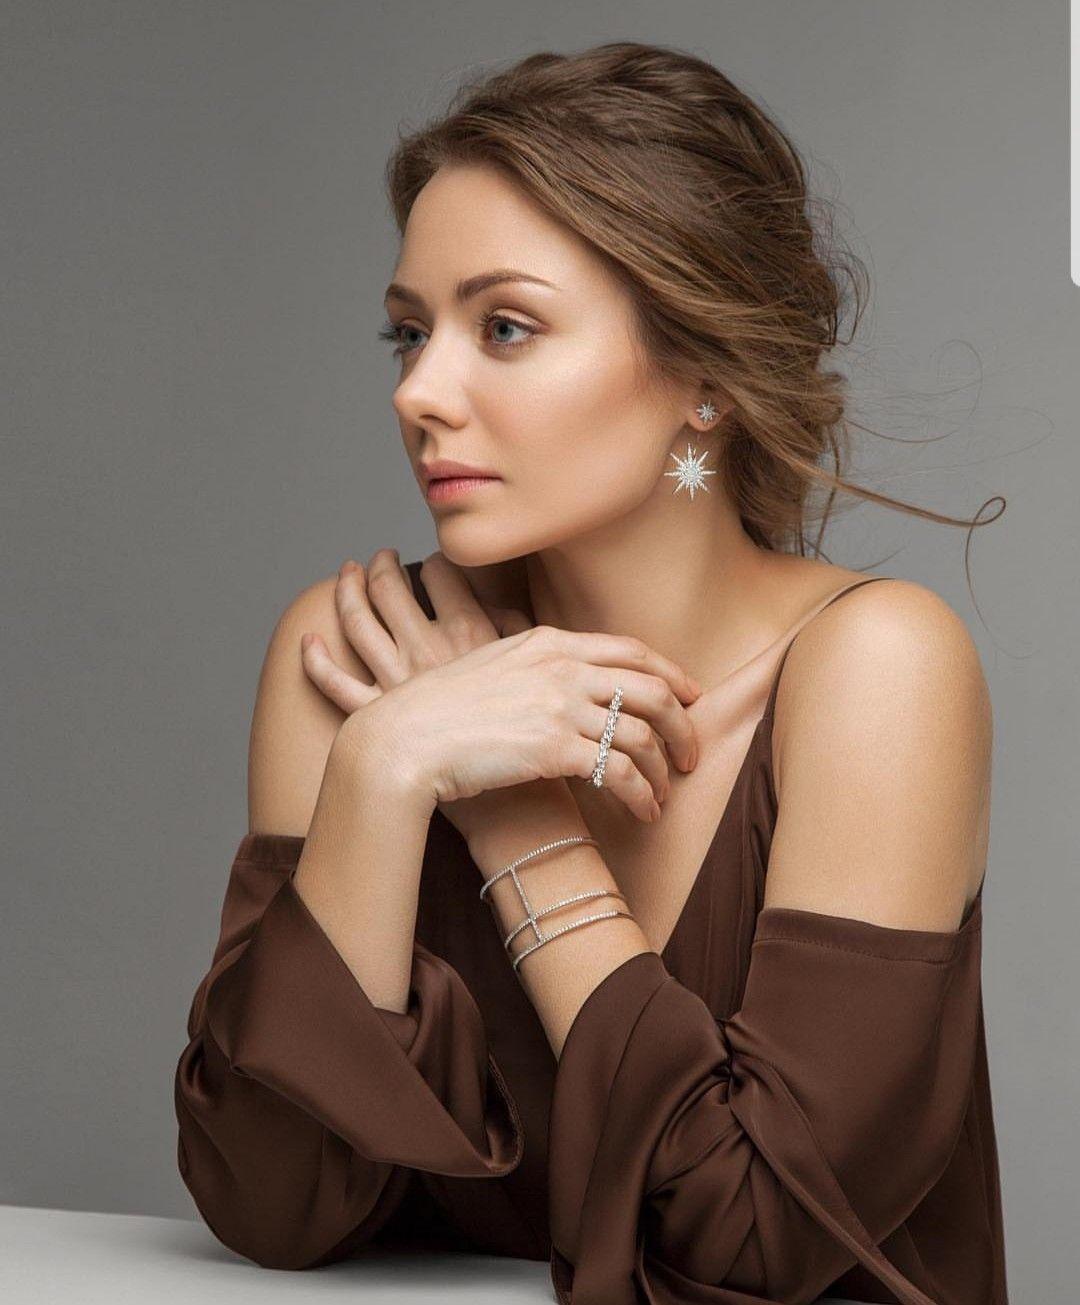 порно сайт все современные актрисы россии фото лишь быть